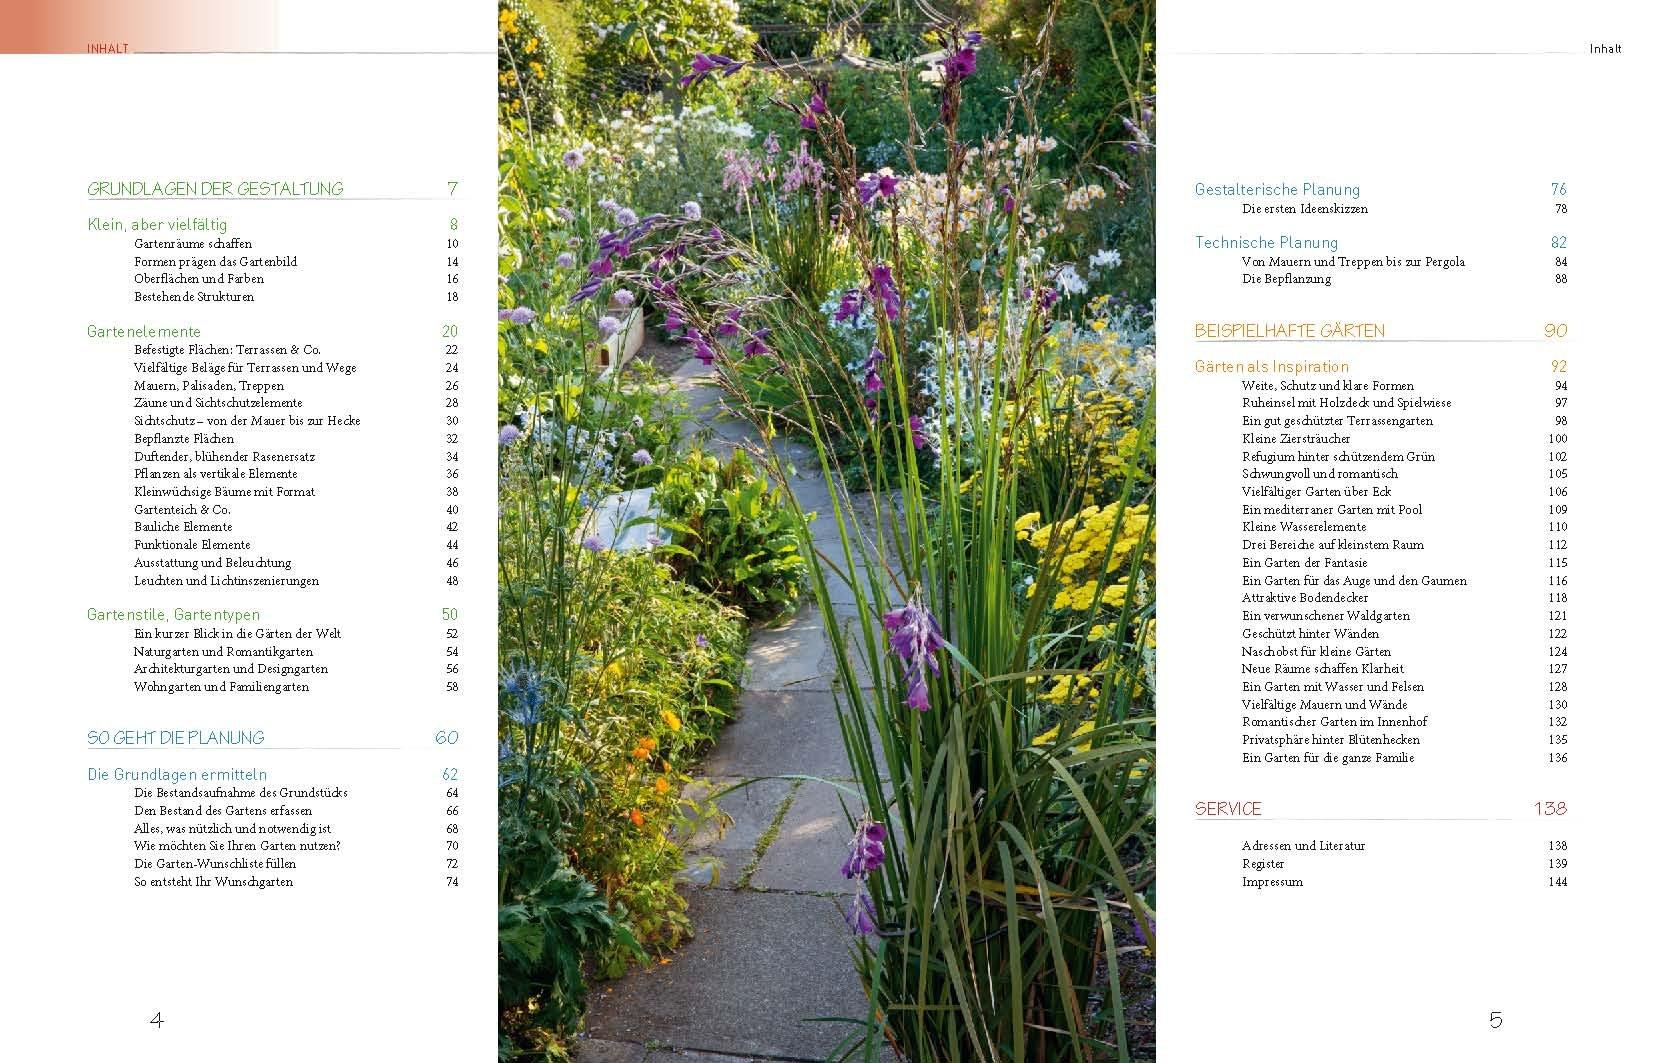 Kleine Gärten Ganz Groß: Gärten Von 50 Bis 200 Qm2 Einfach Planen Und  Gestalten GU Garten Extra: Amazon.de: Tobias Domroes: Bücher